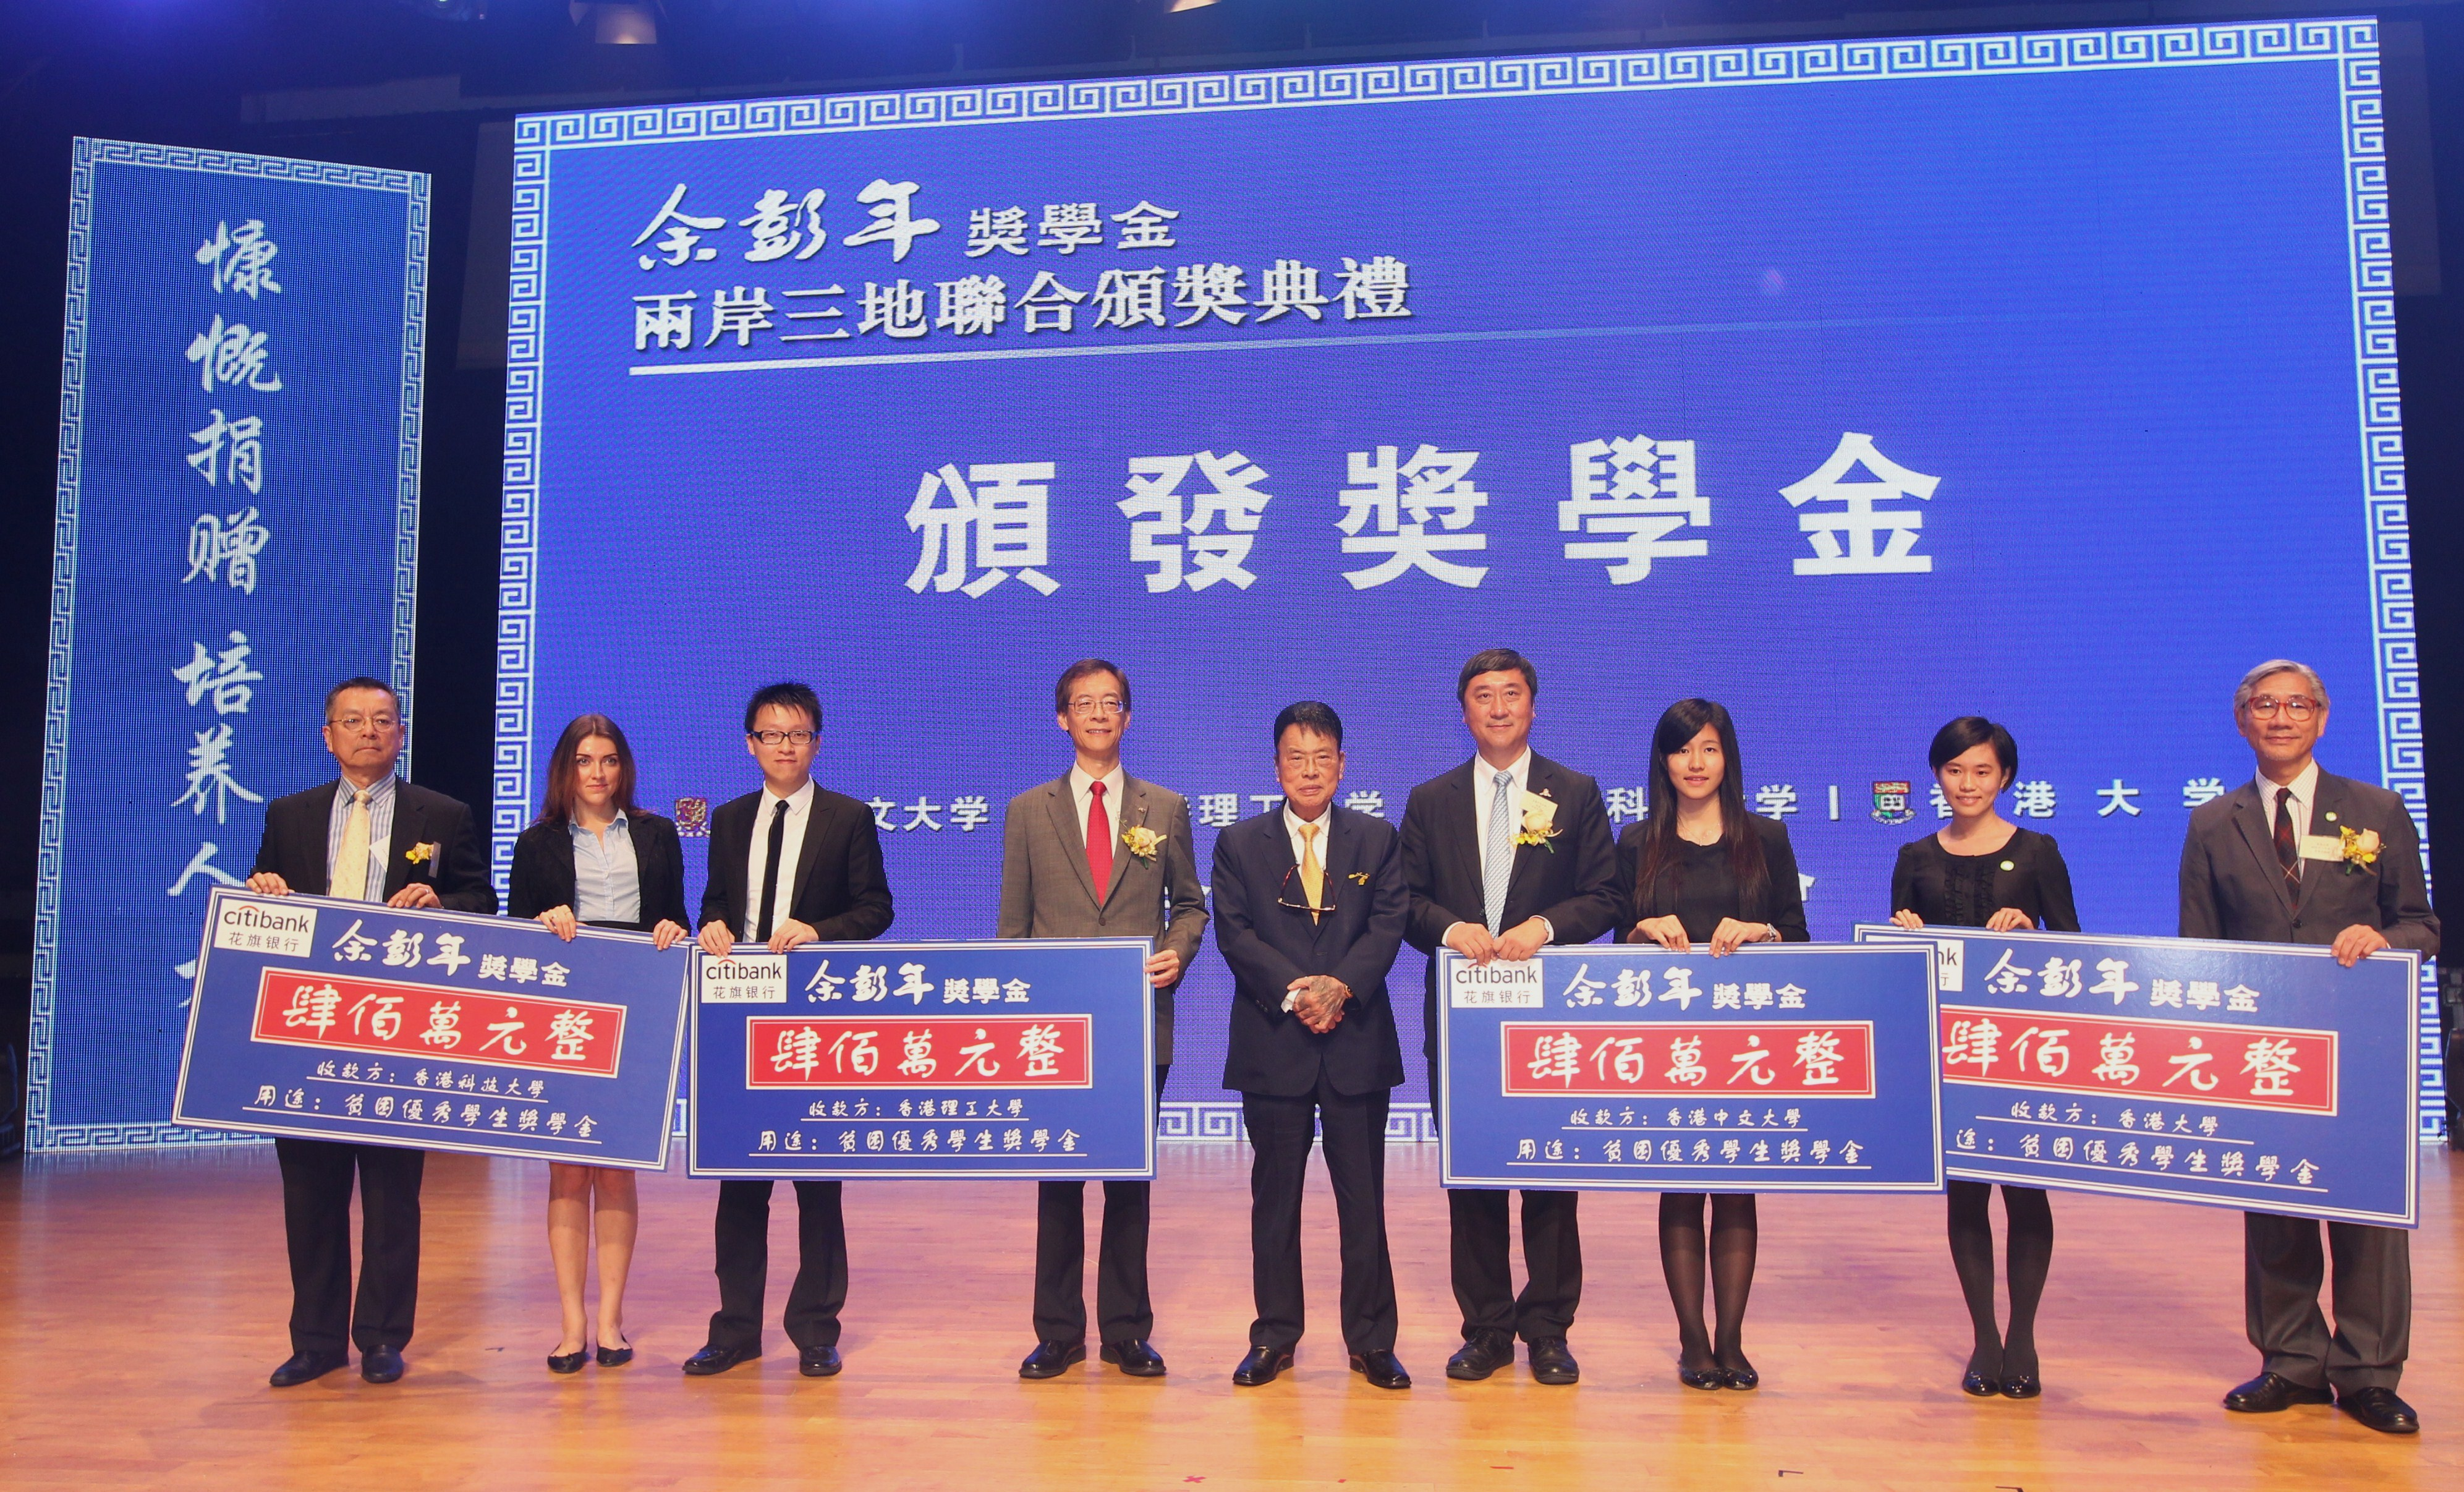 余彭年獎學金聯合頒獎典禮 | 香港科技大學